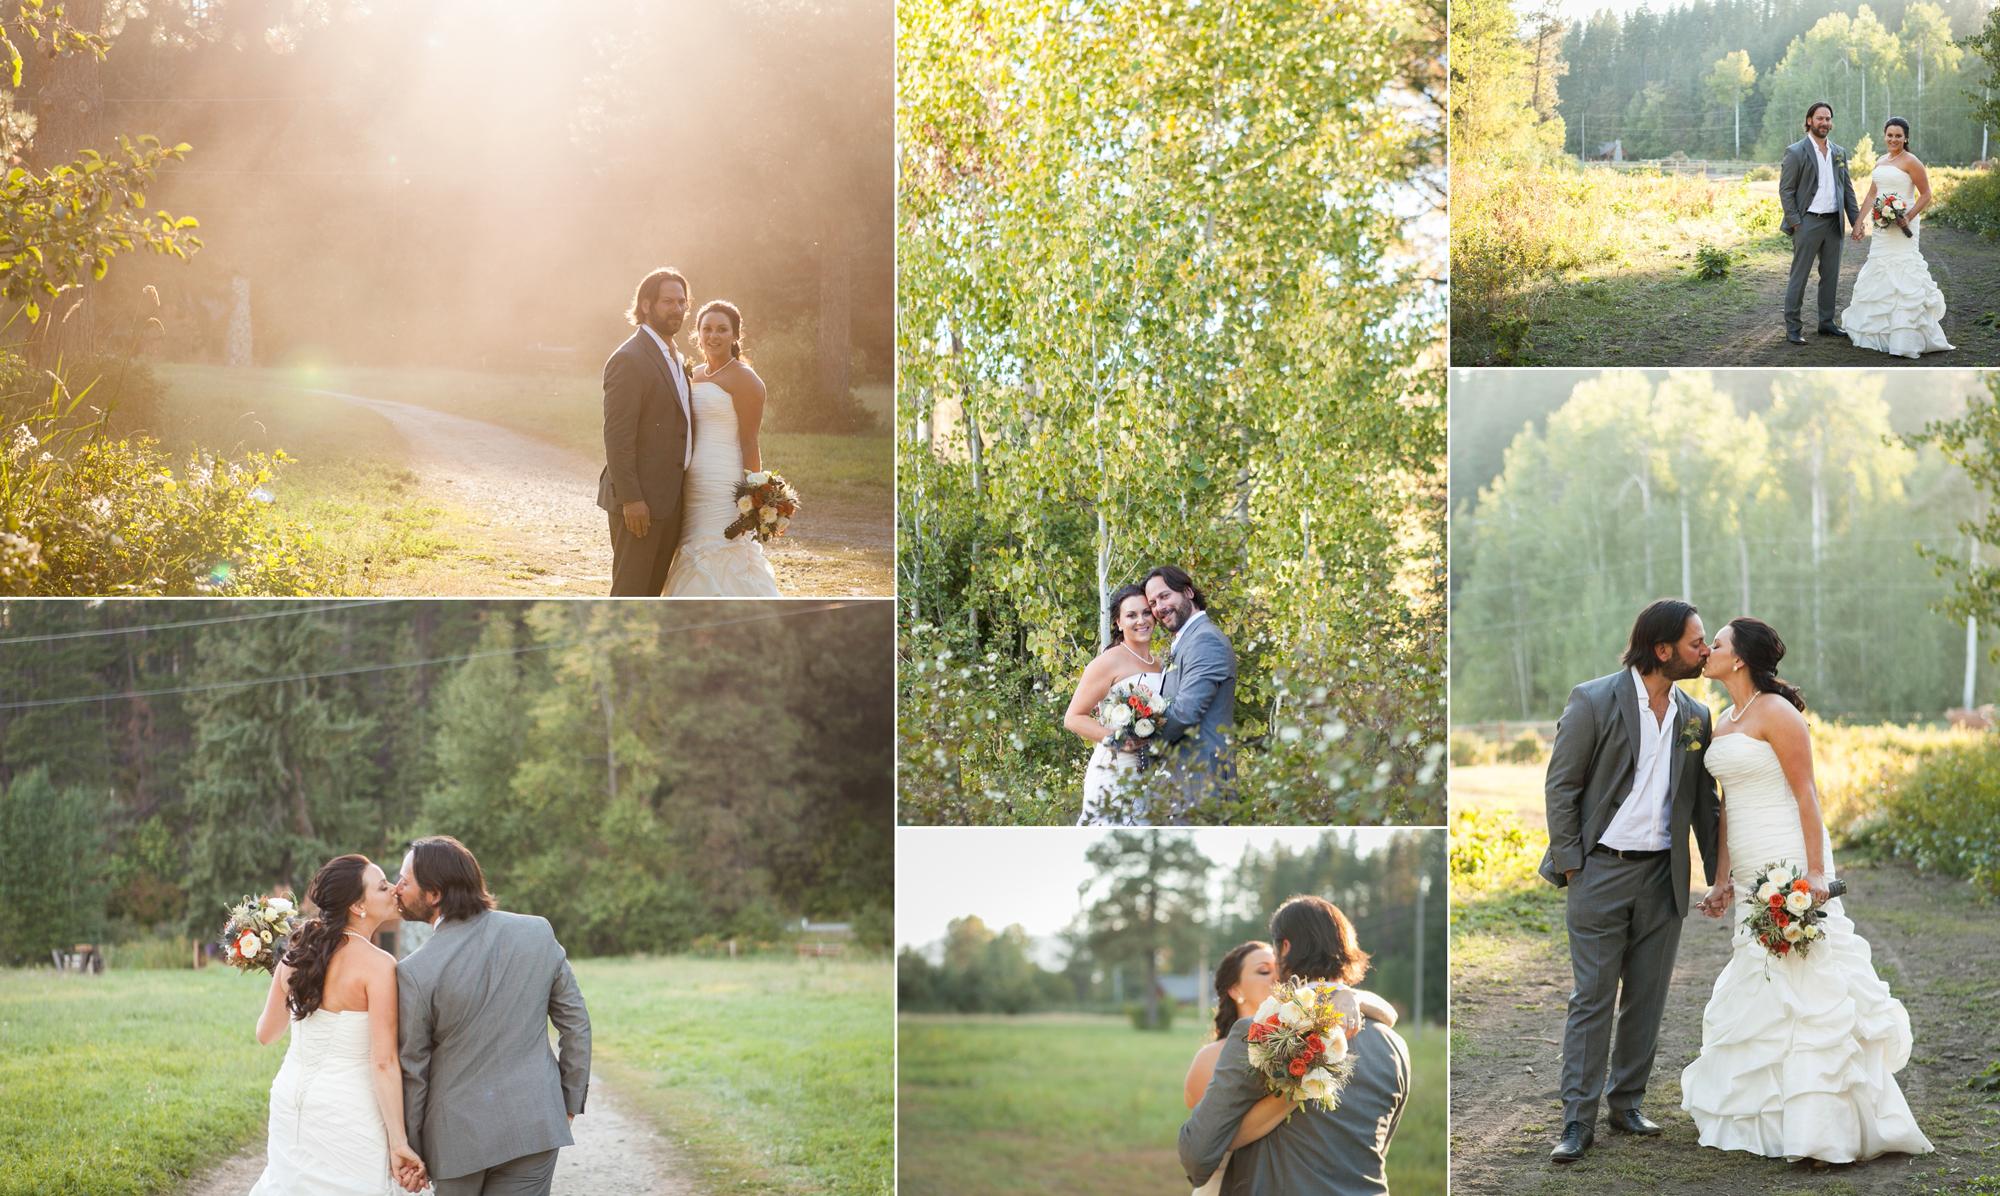 ashley vos photography seattle tacoma area wedding photographer_0842.jpg